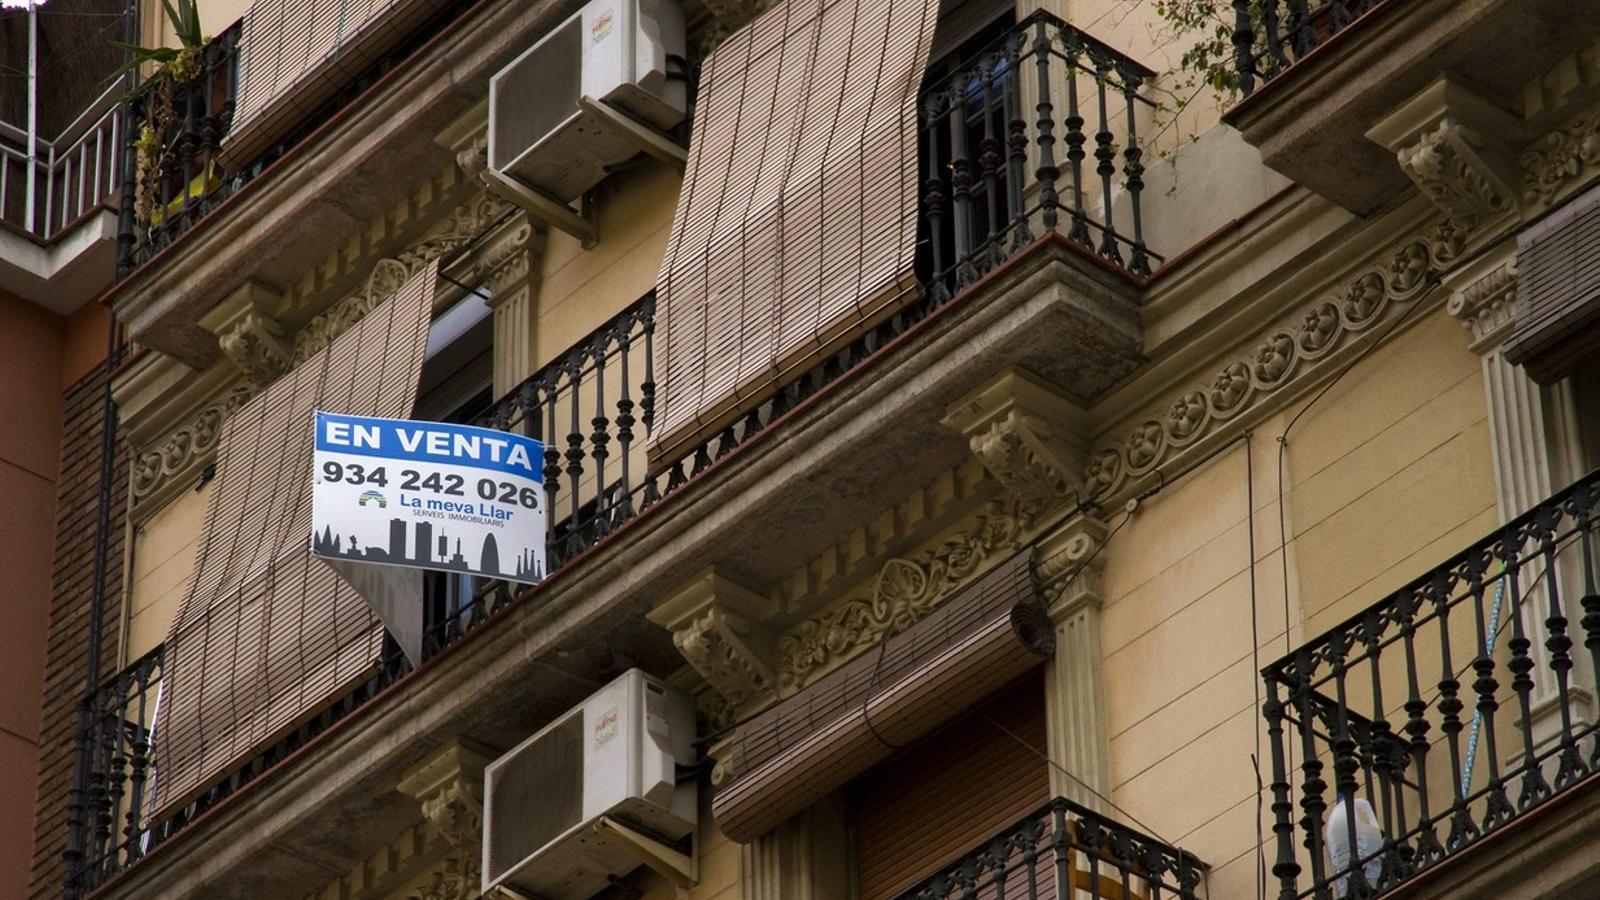 El preu de l'habitatge es manté estable malgrat la crisi del covid-19